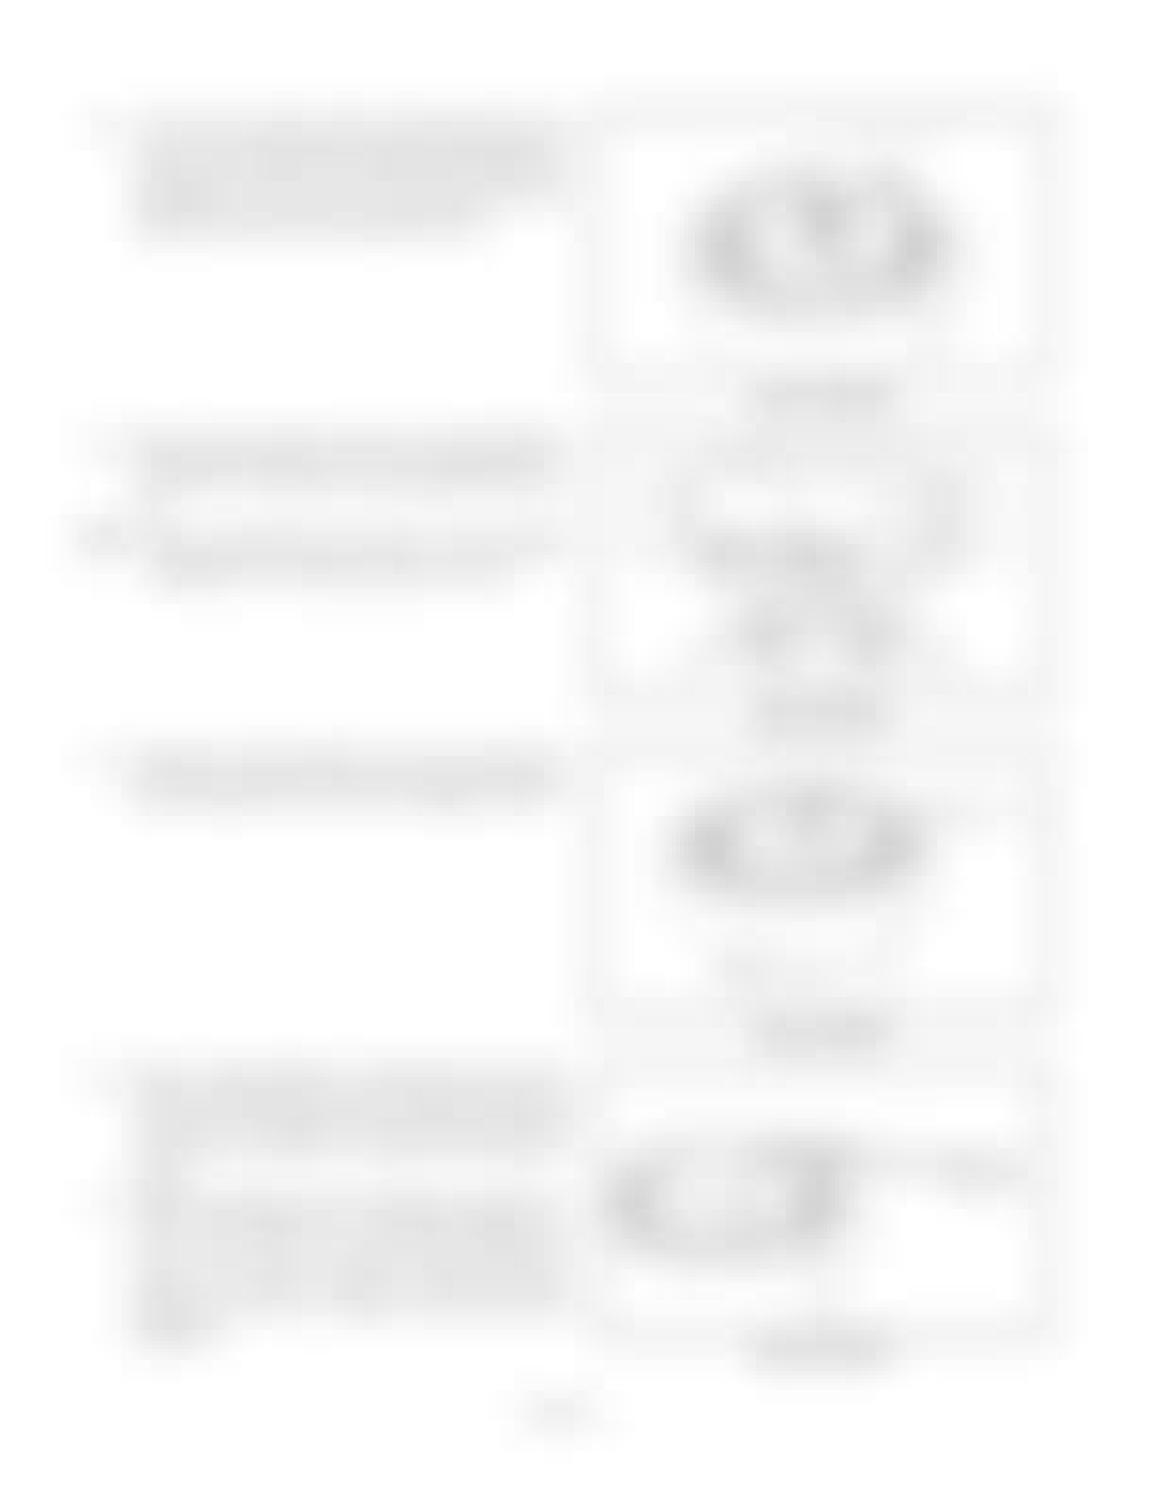 Hitachi LX110-7 LX130-7 LX160-7 LX190-7 LX230-7 Wheel Loader Workshop Manual - PDF DOWNLOAD page 246